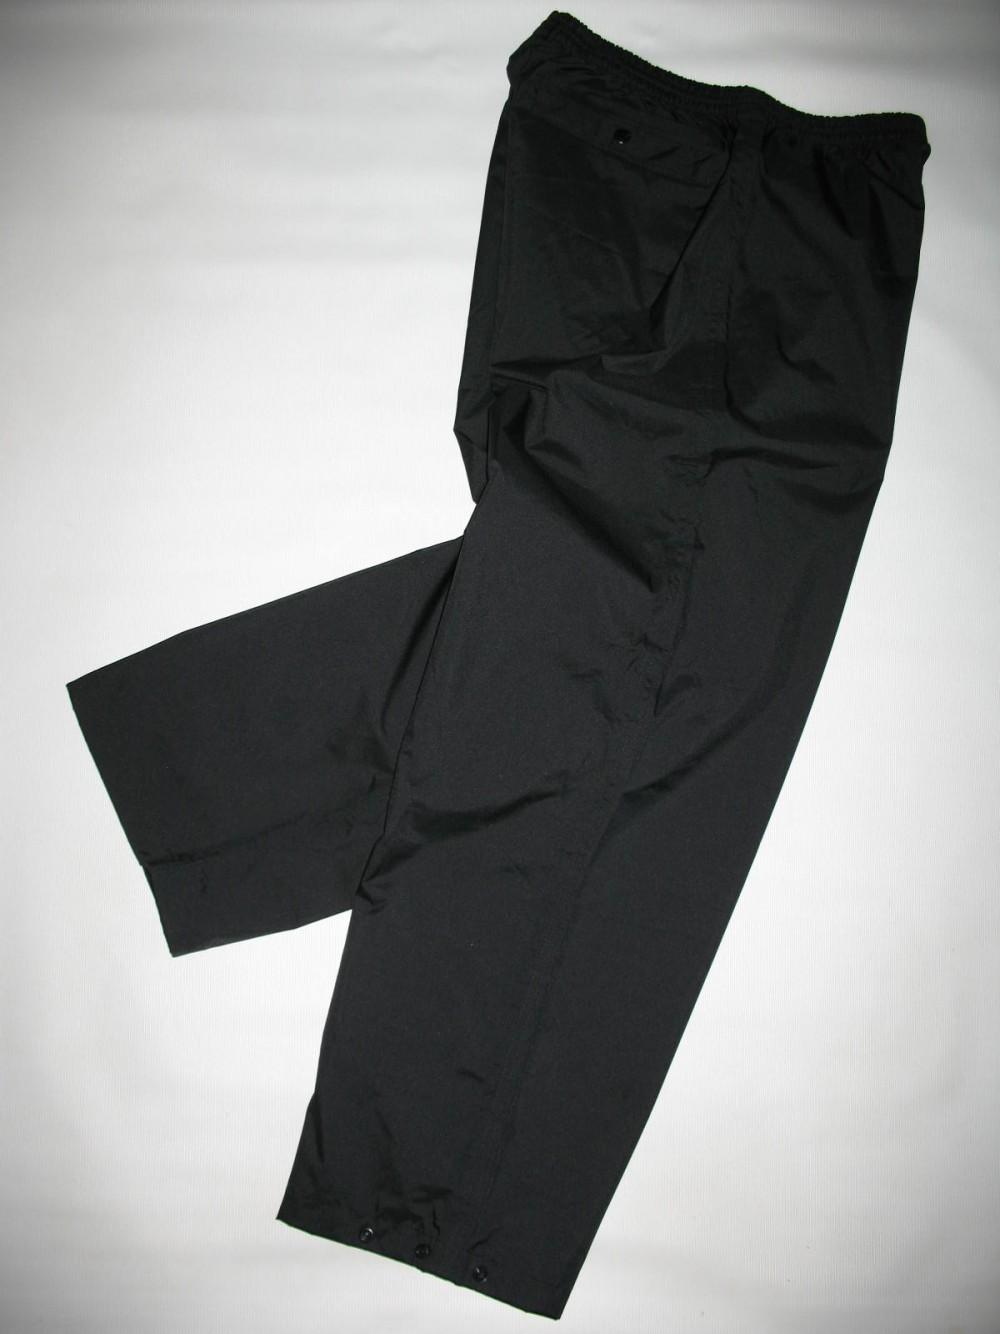 Штаны HELLY HANSEN hellytech pants (размер М) - 3